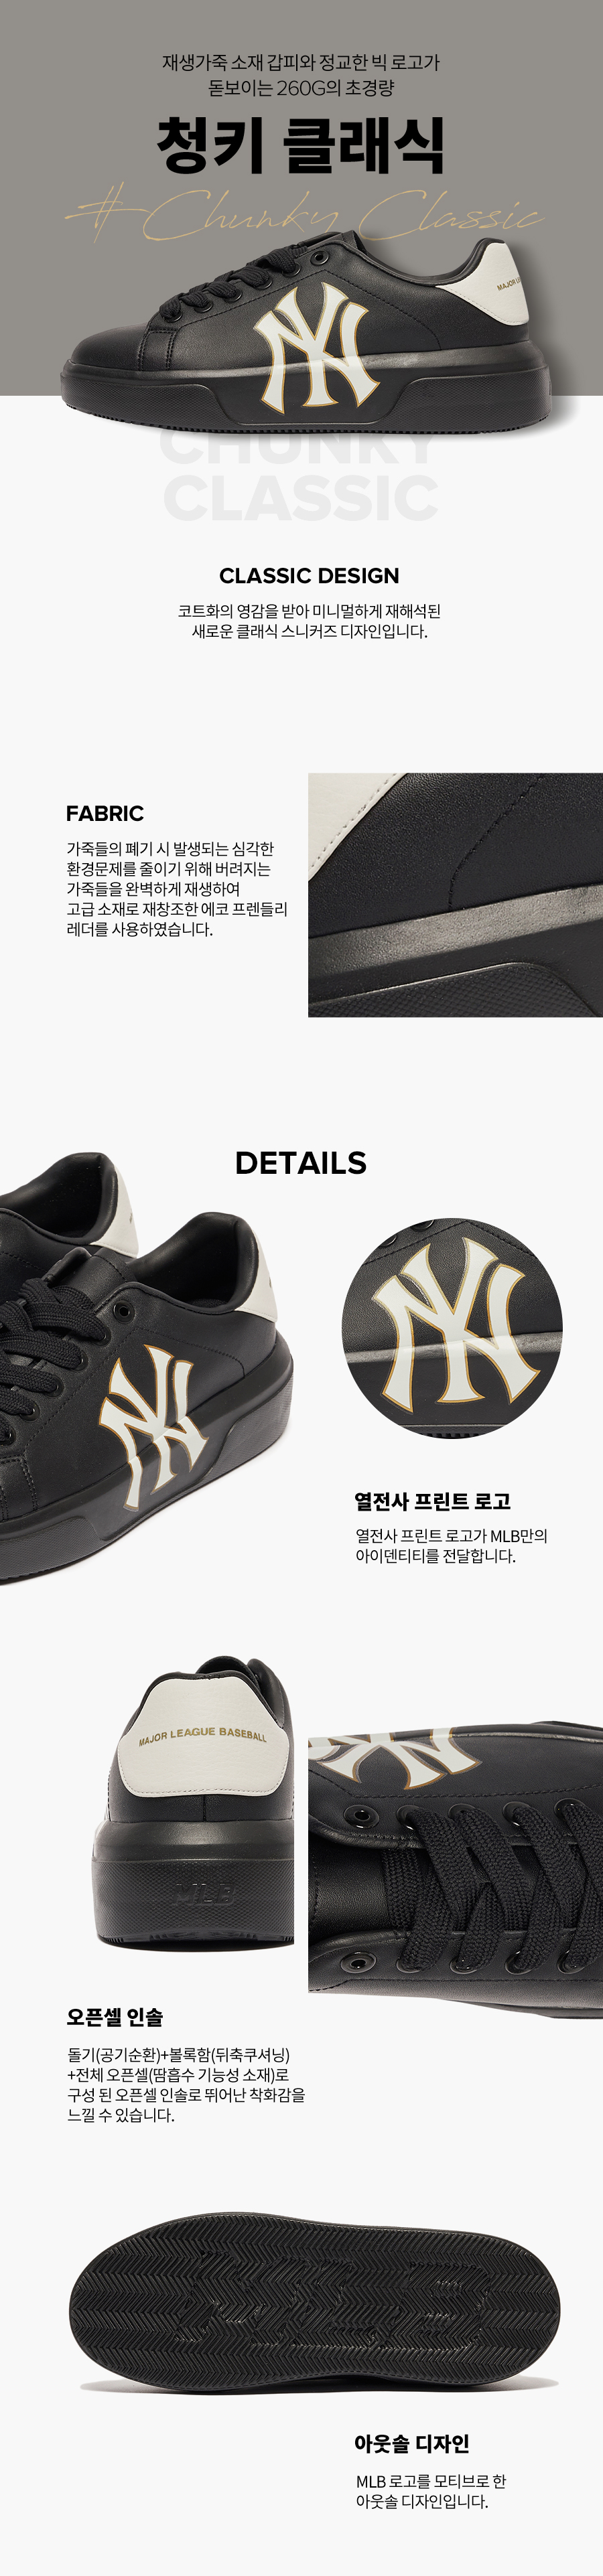 엠엘비(MLB) 청키 클래식 (CHUNKY CLASSIC) NY (Black)